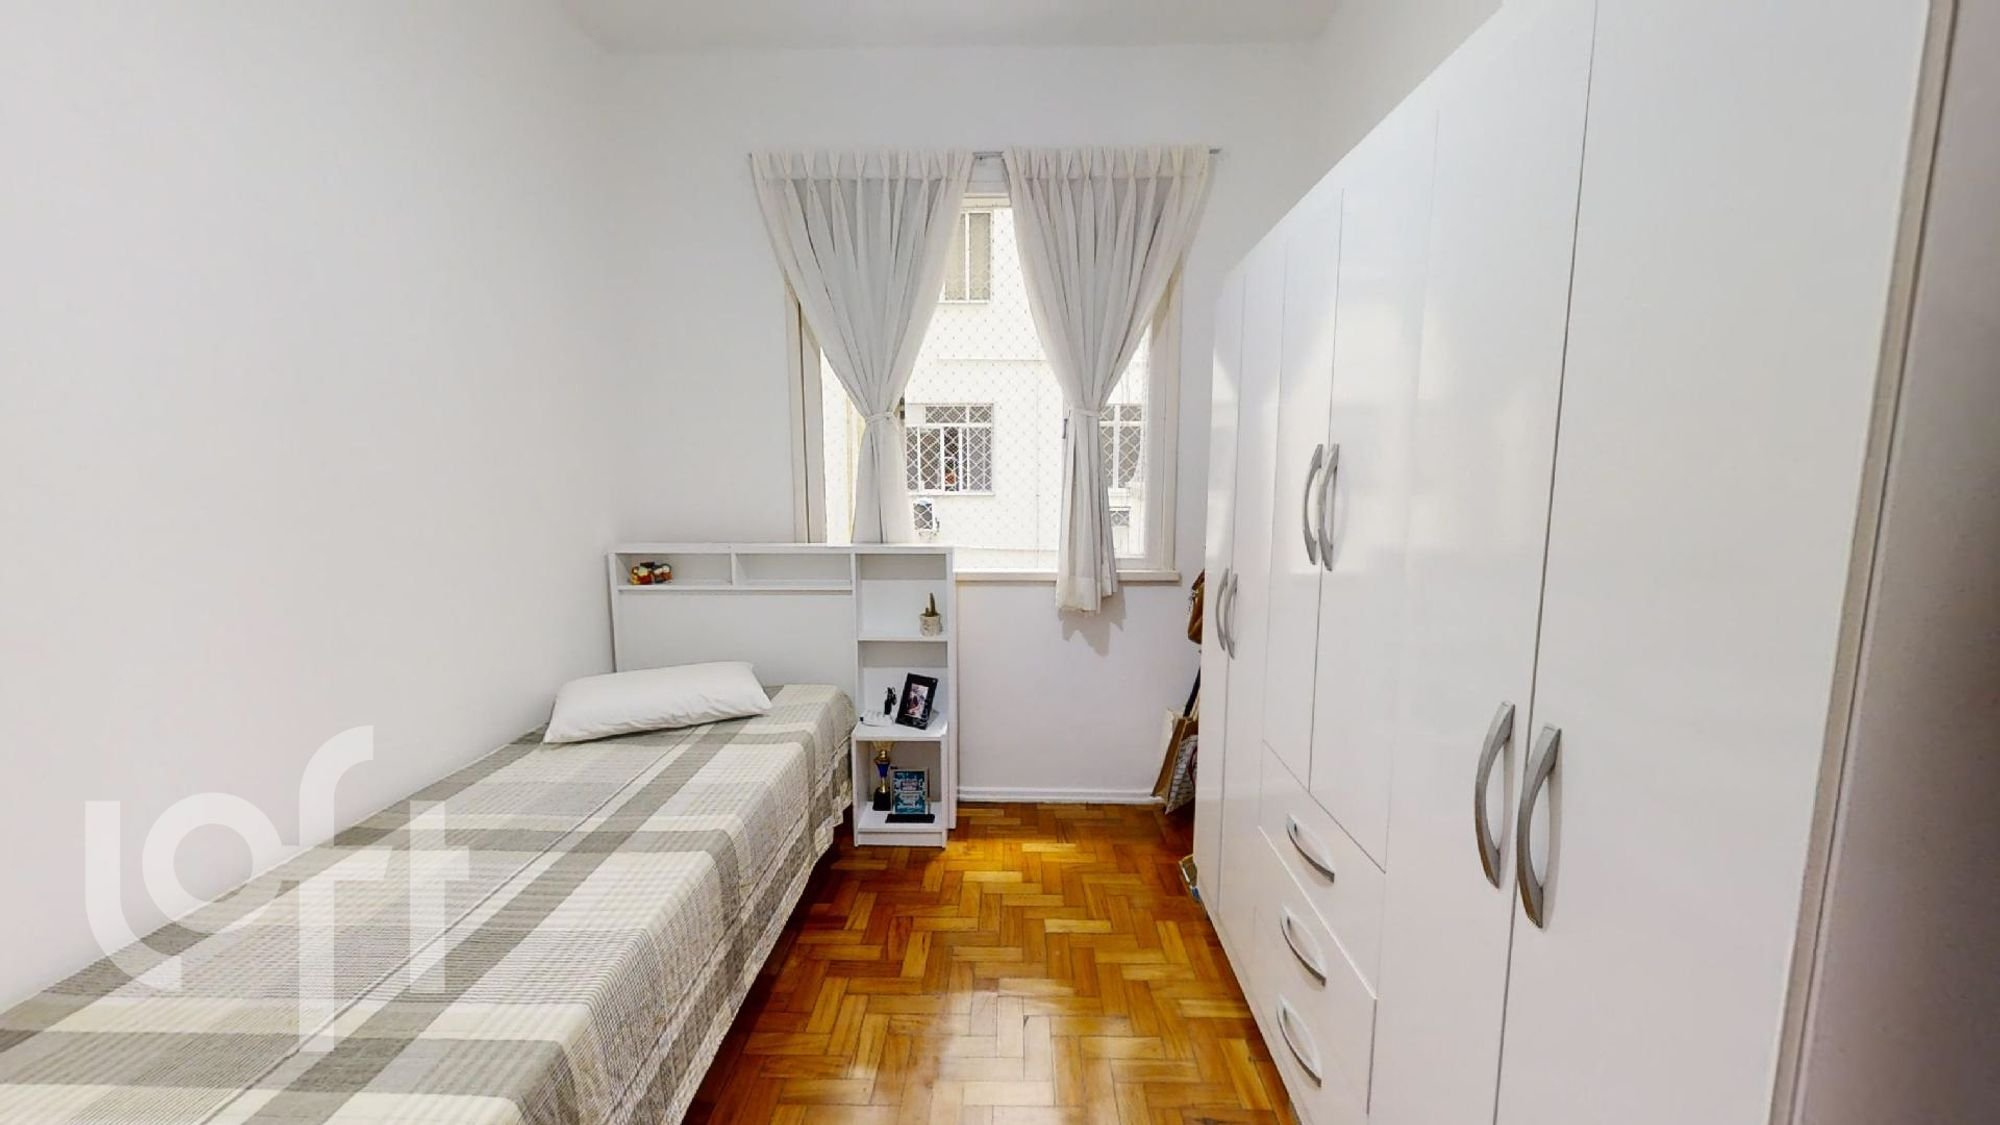 Foto de Corredor com cama, geladeira